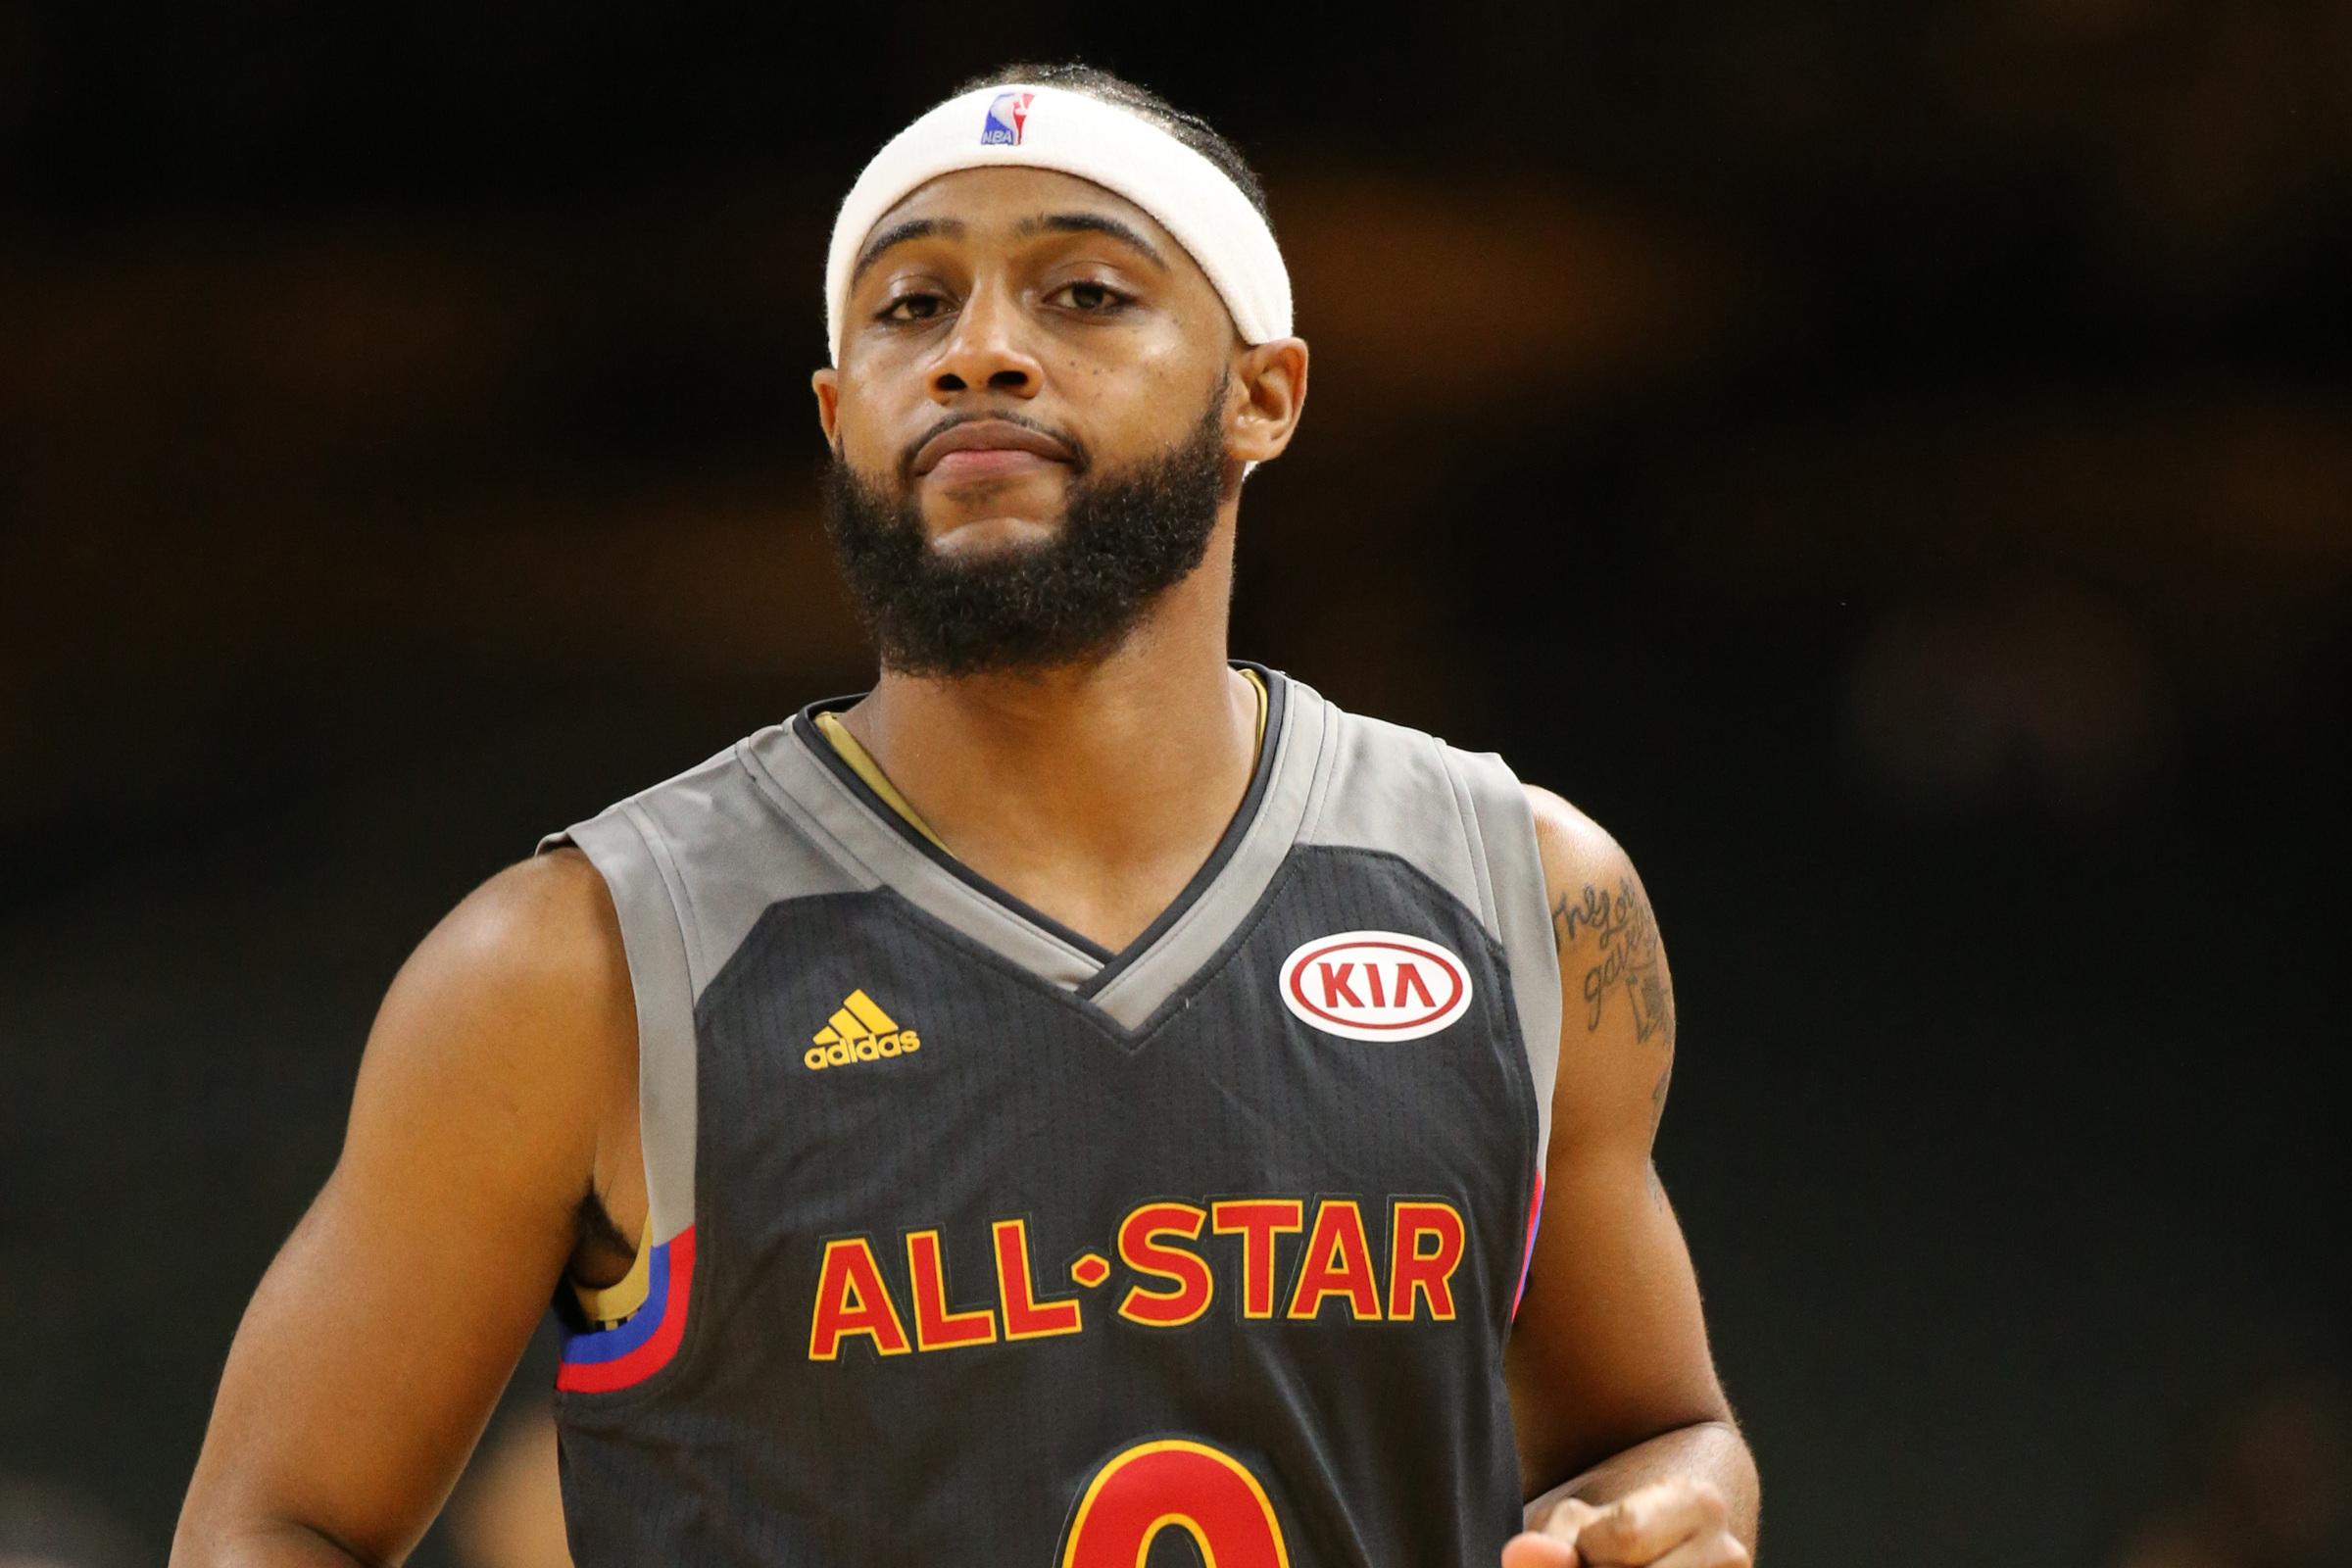 All-Star Celebrity Game Recap | NBA.com